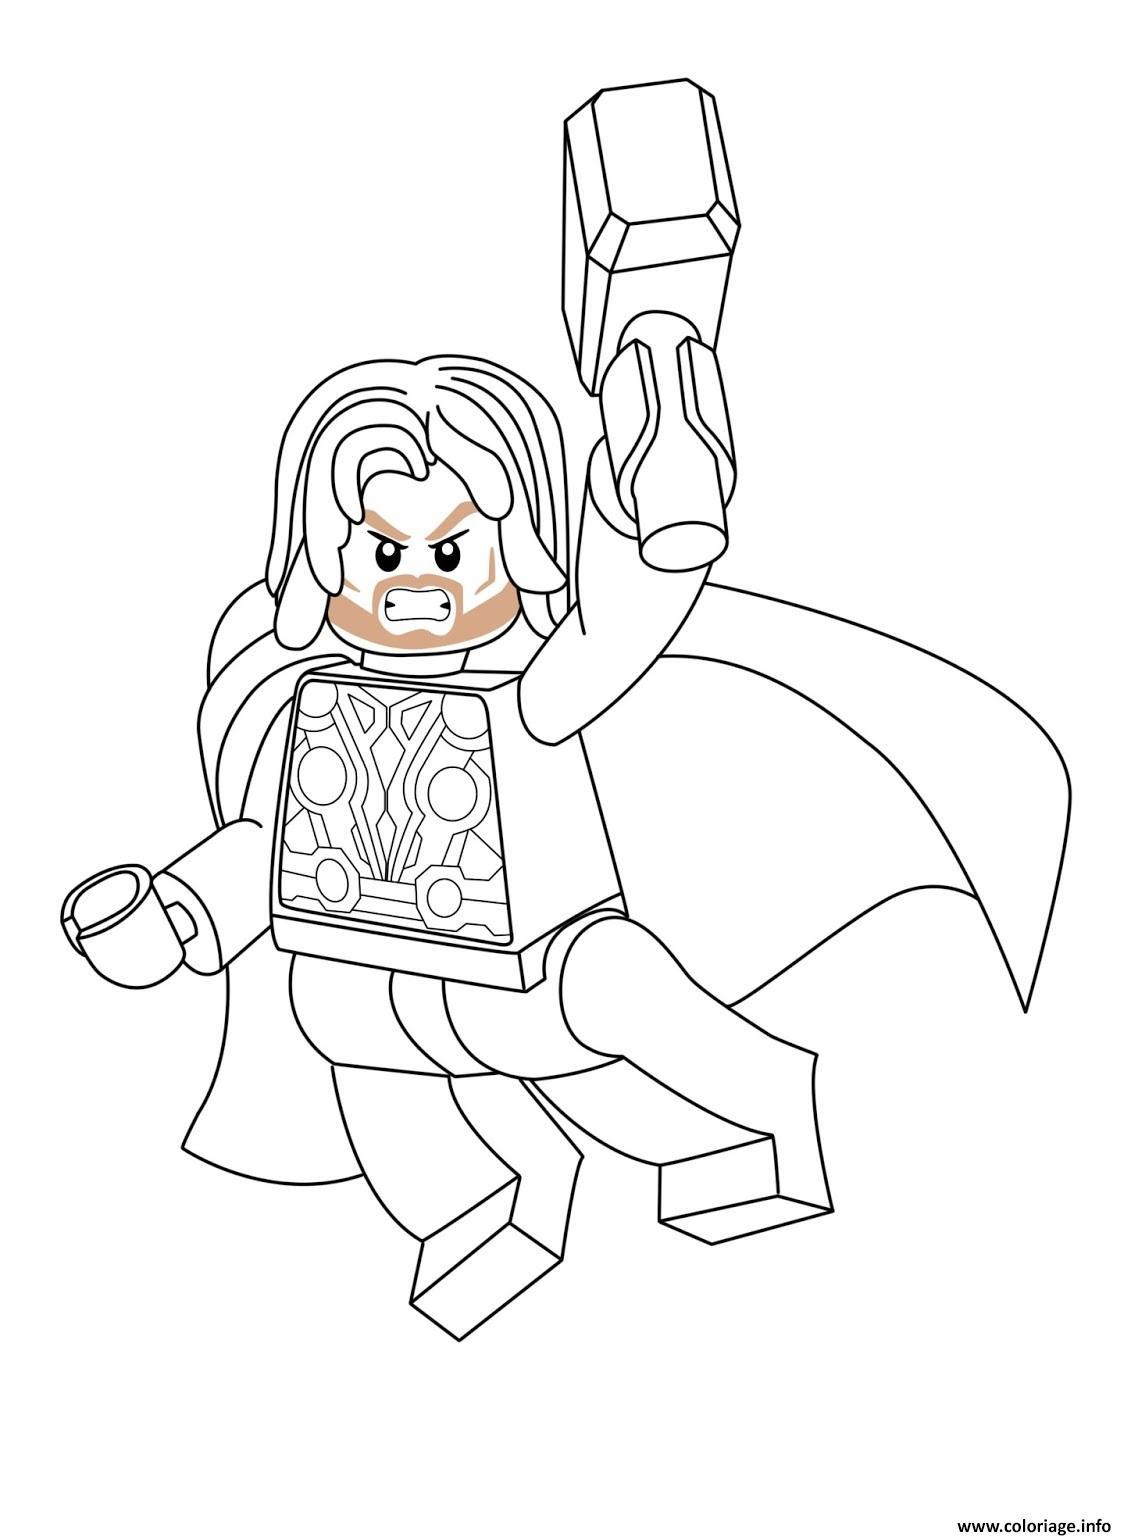 Coloriage lego marvel thor dessin - Jeux de lego avengers gratuit ...